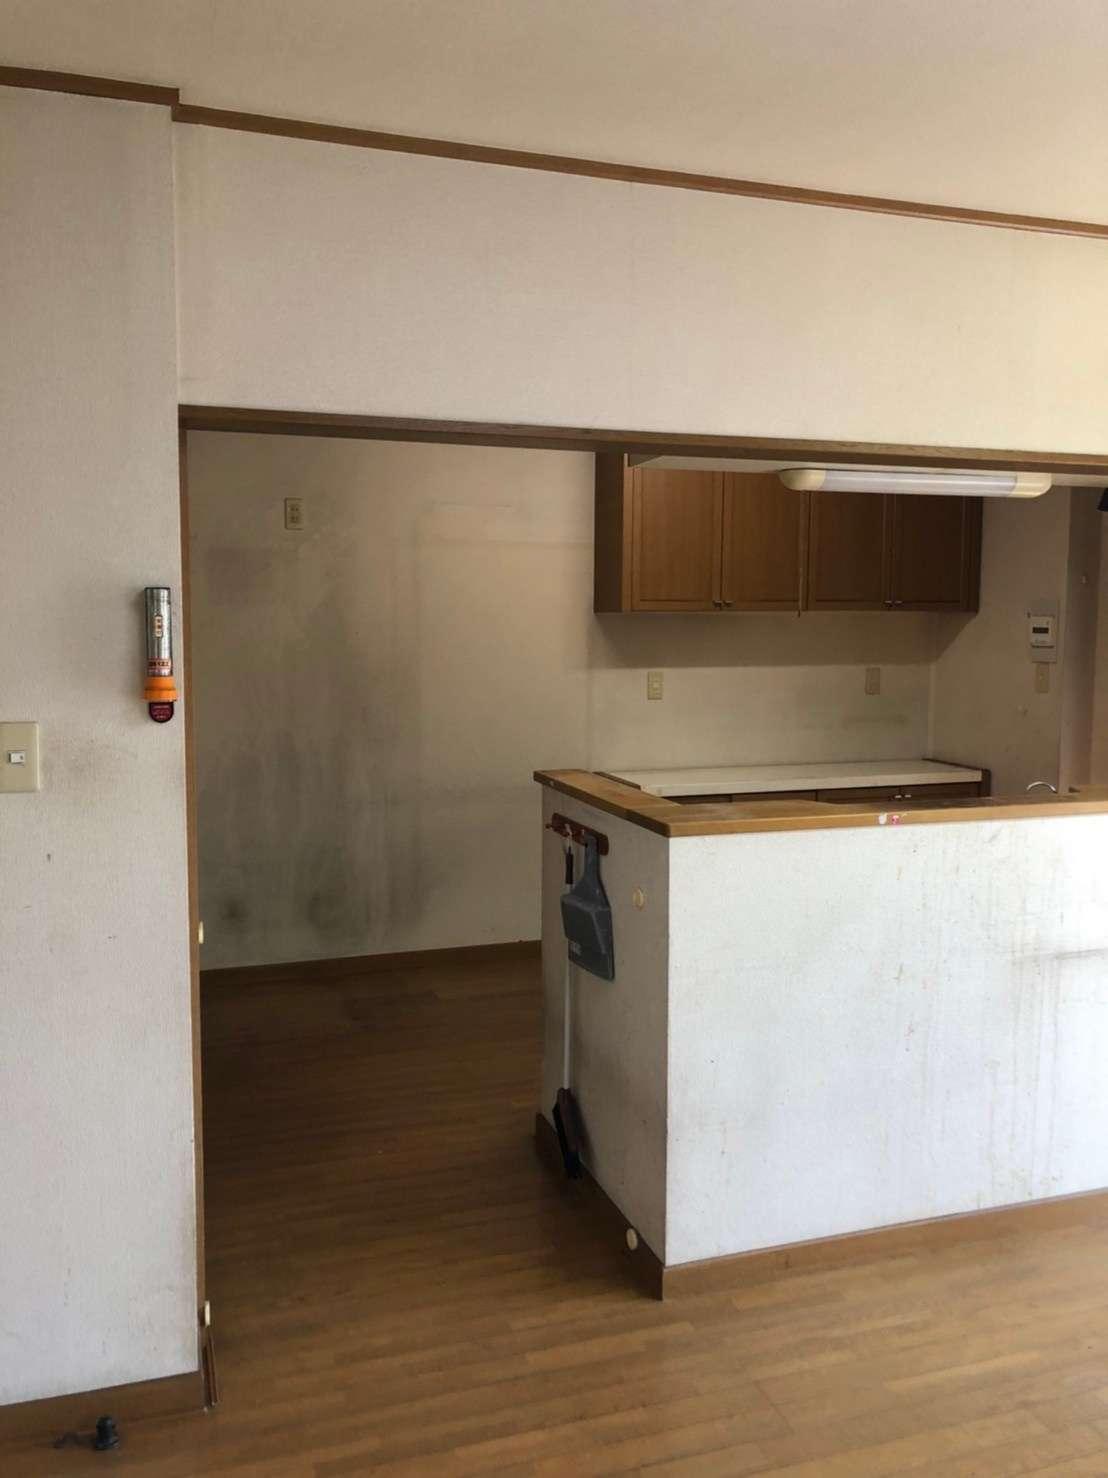 静岡市 キッチン 壁紙 クロス 内装工事 クロス張替え 内装工事 クリーニングは静岡市のac Trustへ